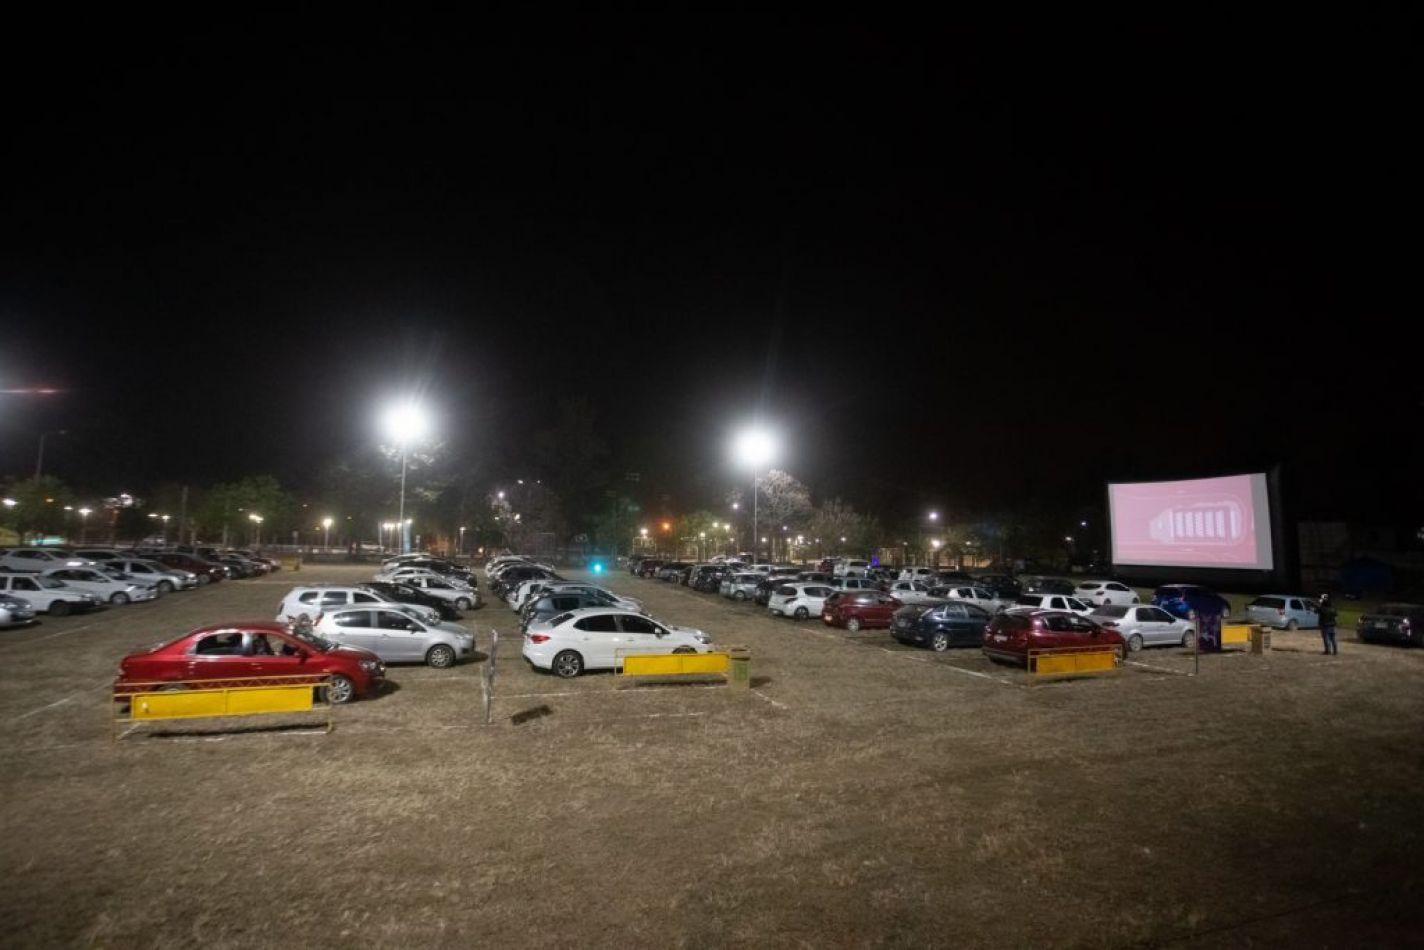 Foto: Prensa Jujuy. Autocine en Parque San Martín